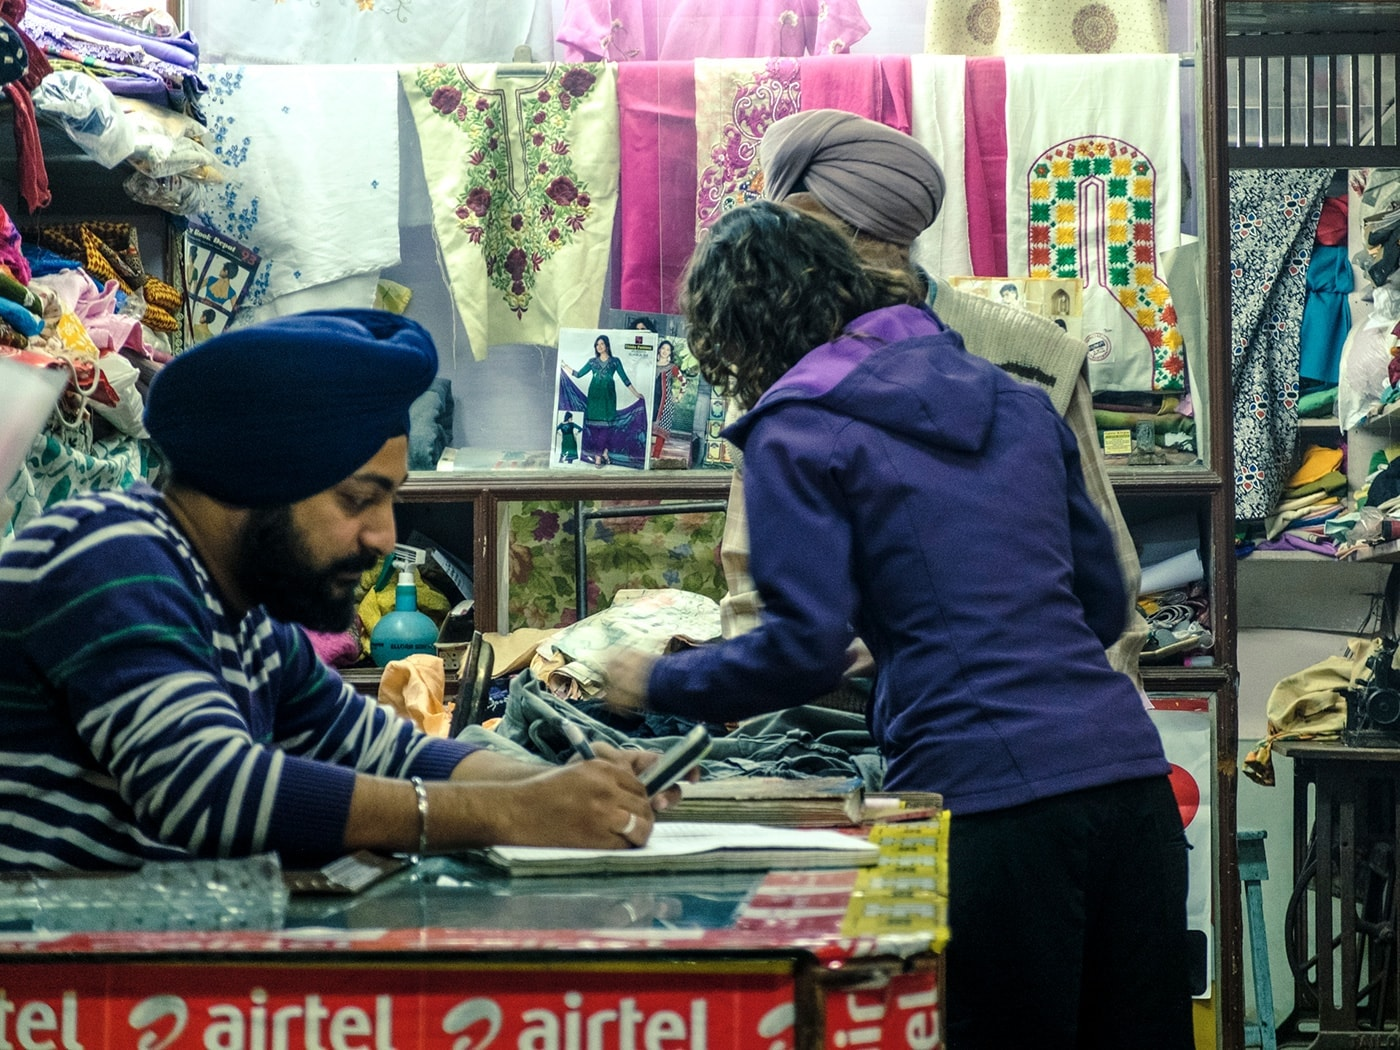 viaggio in india sikh turbante